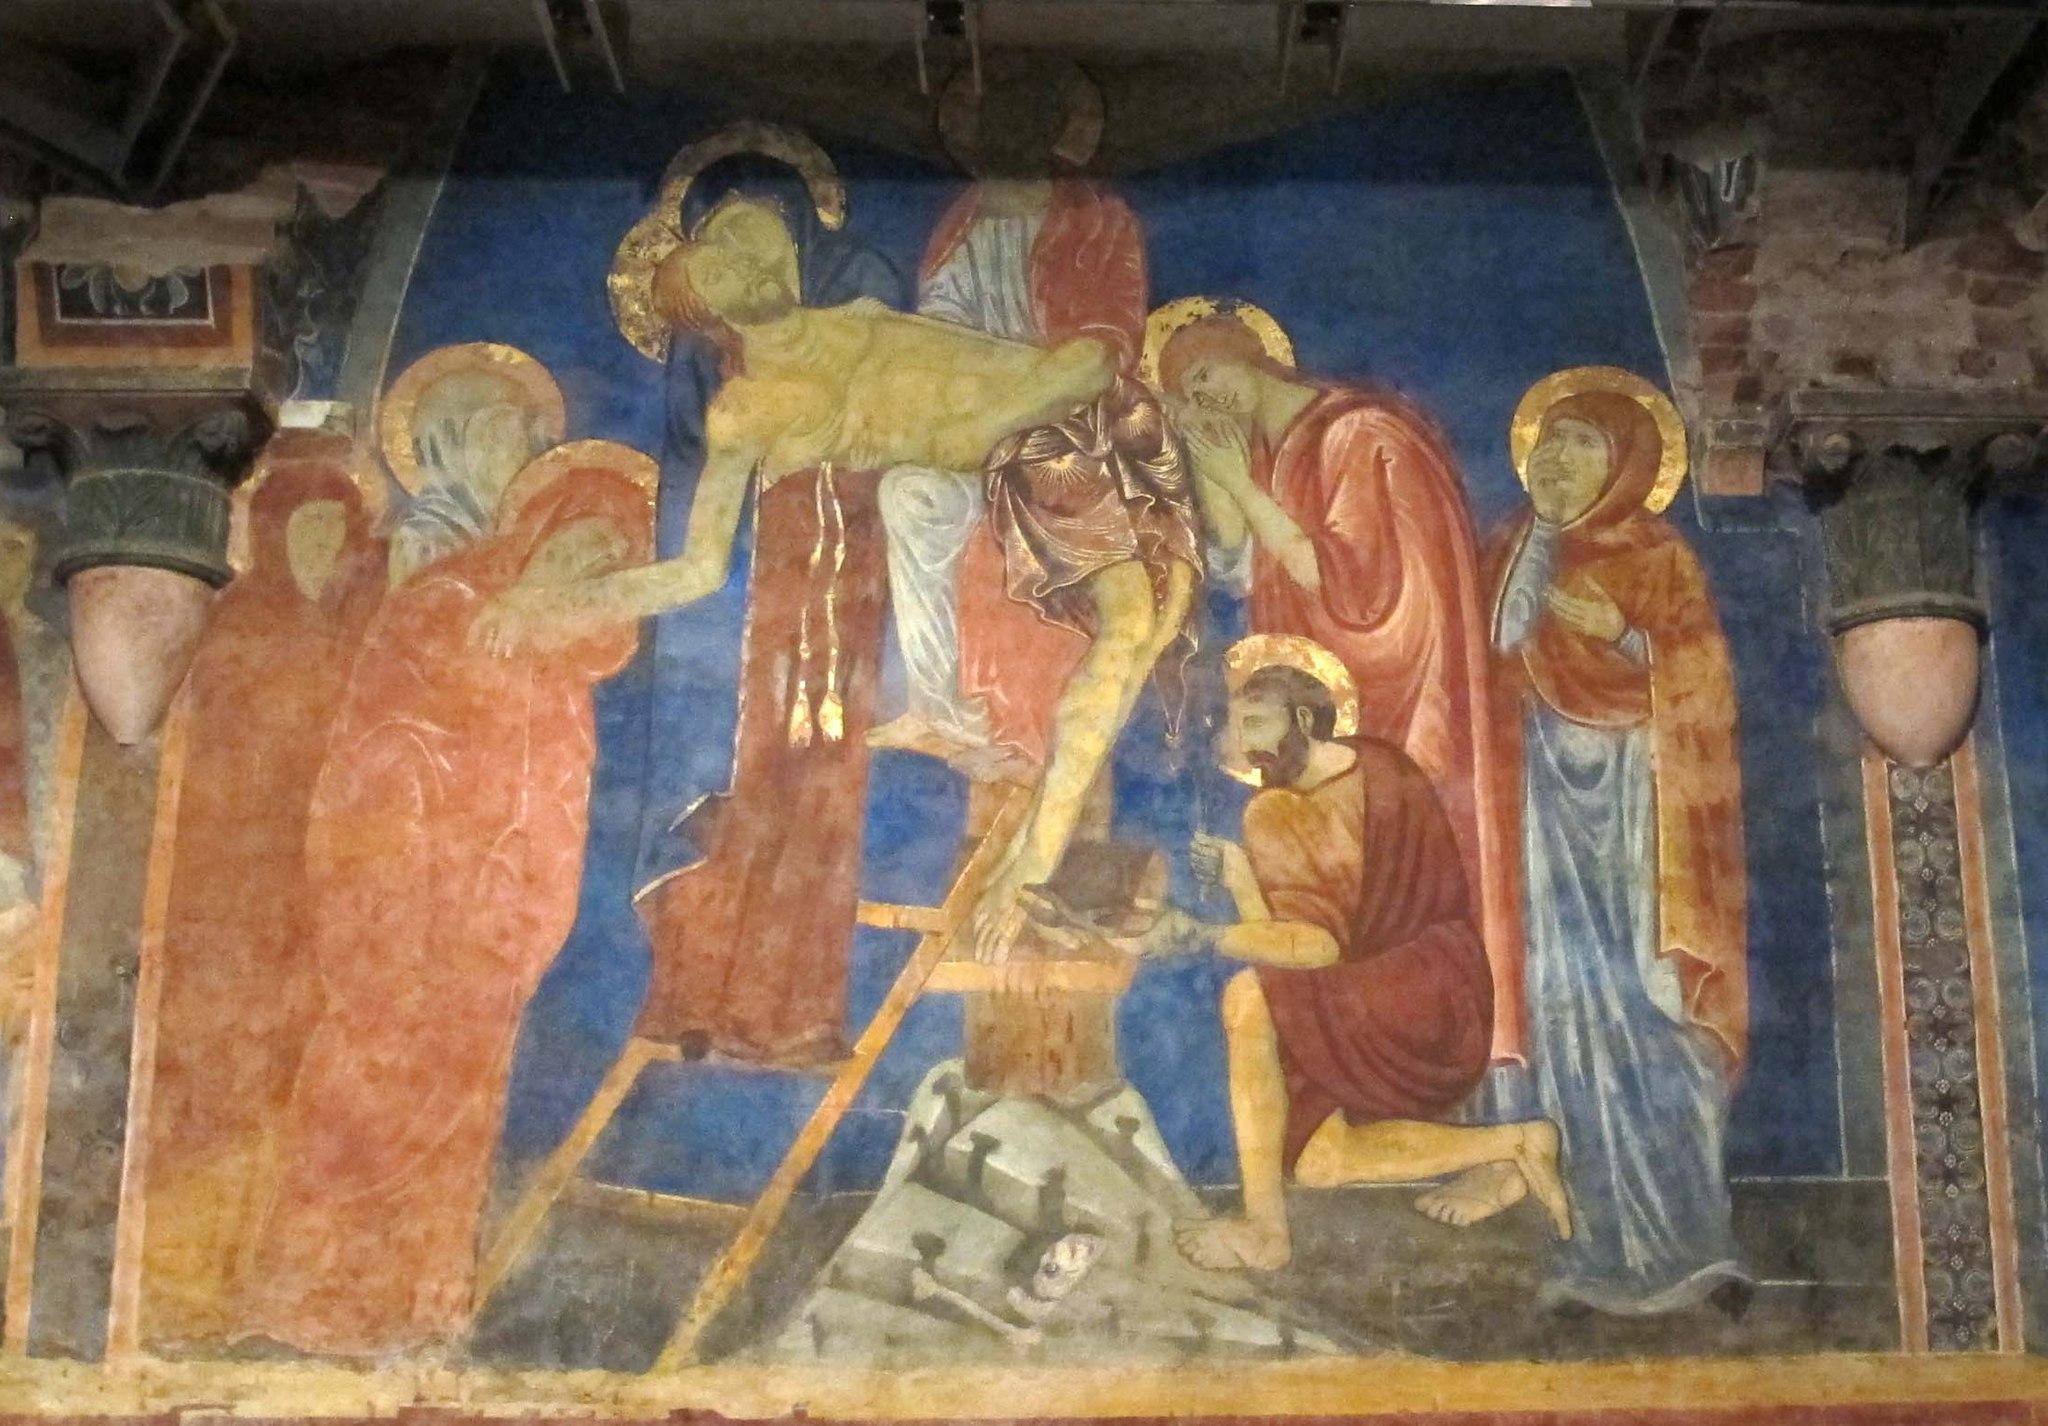 Cripta del duomo di siena, affreschi 04 deposizione 3